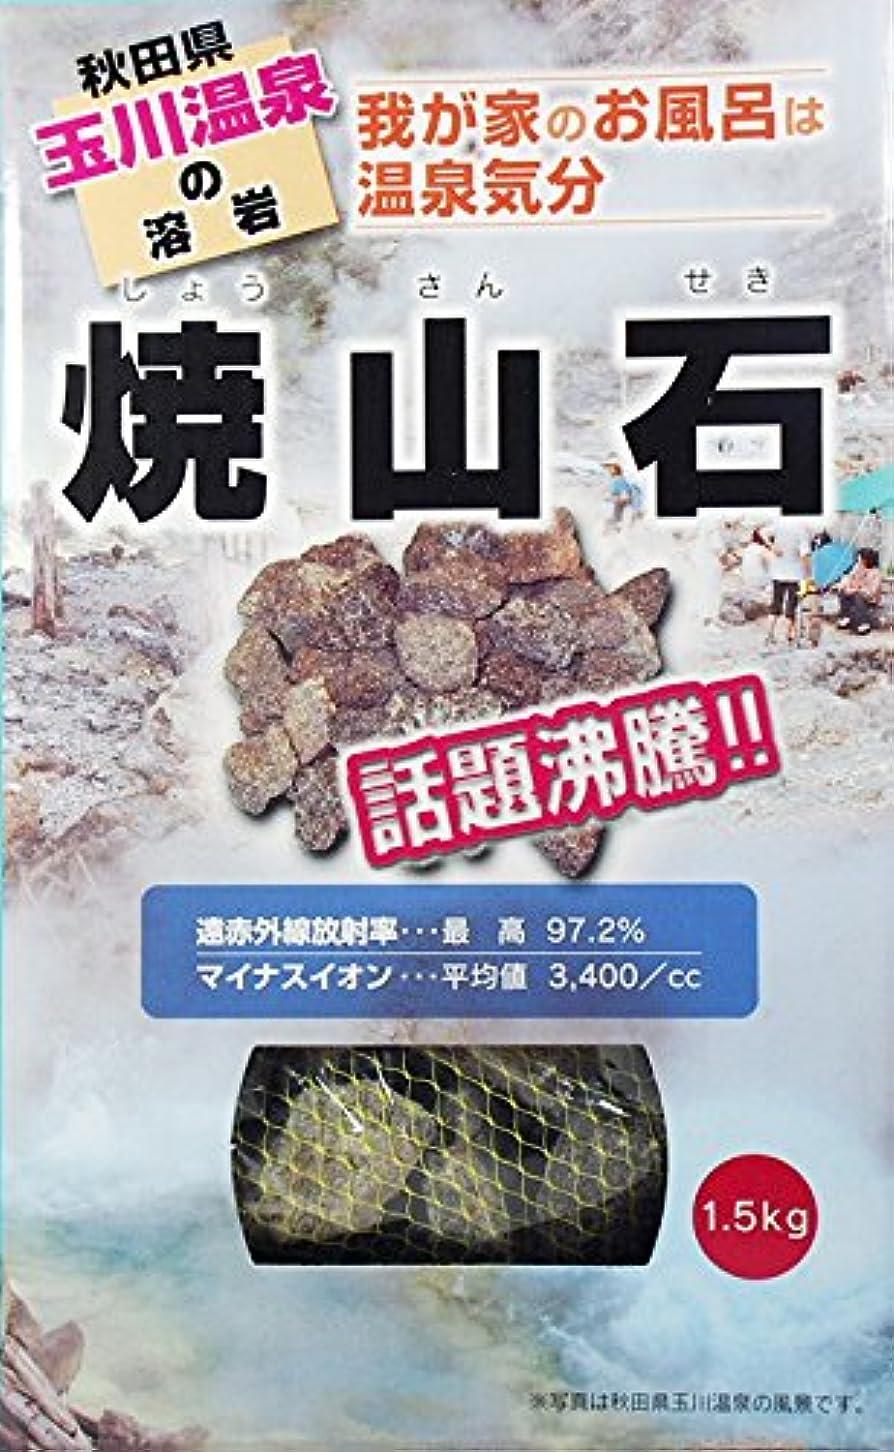 蛾さびた【秋田玉川温泉湧出の核】焼山石1.5kg【お風呂でポカポカに】